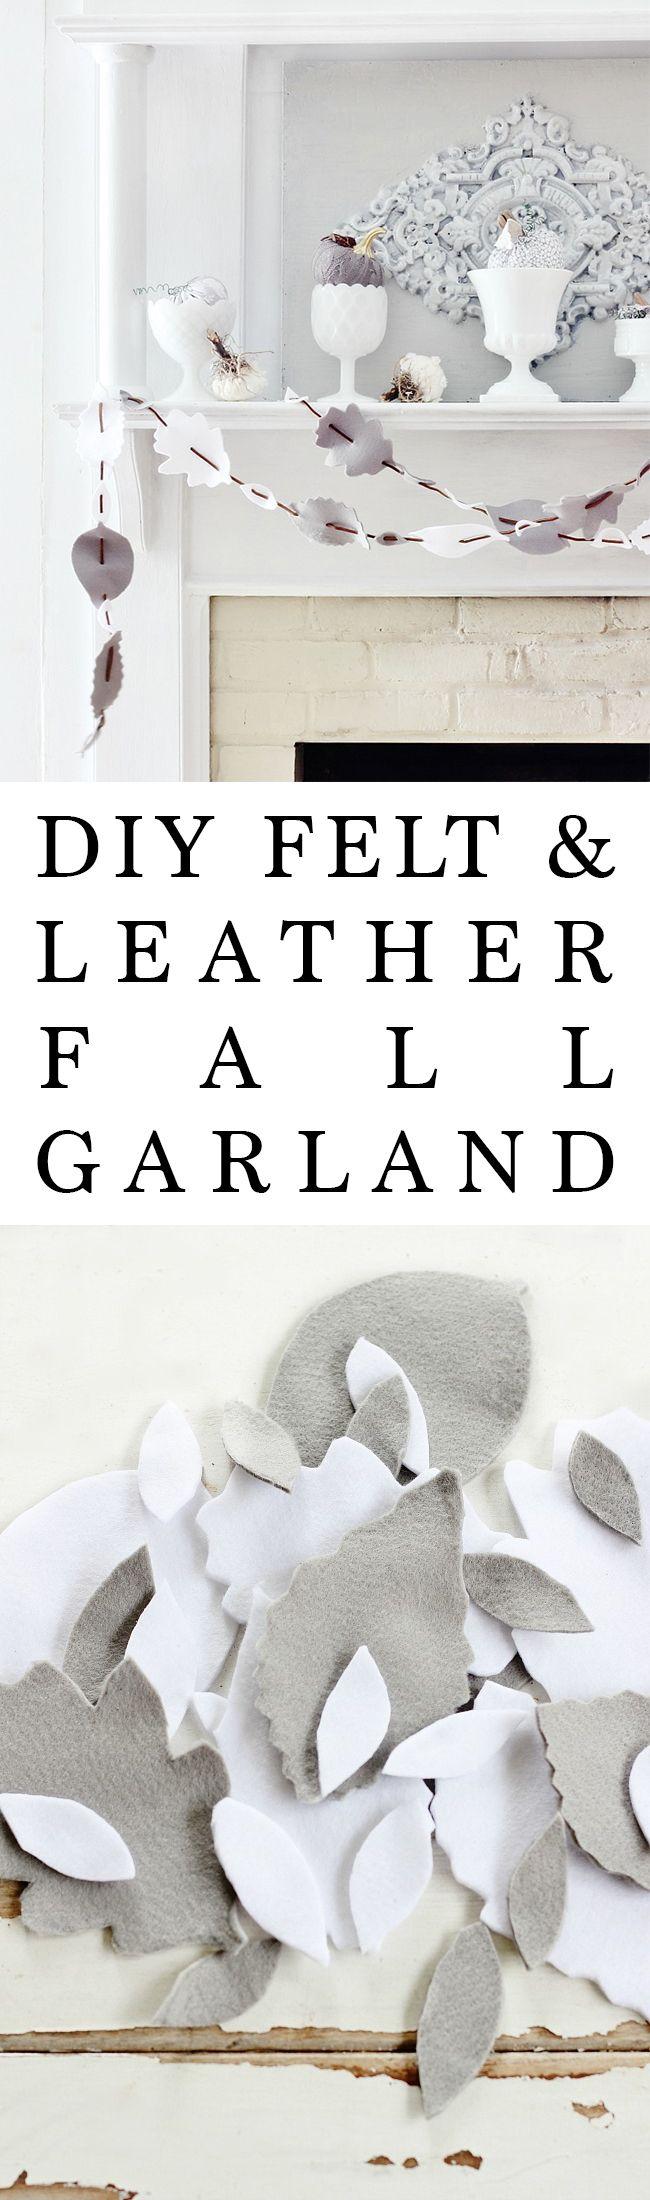 DIY Felt and Leather Fall Garland